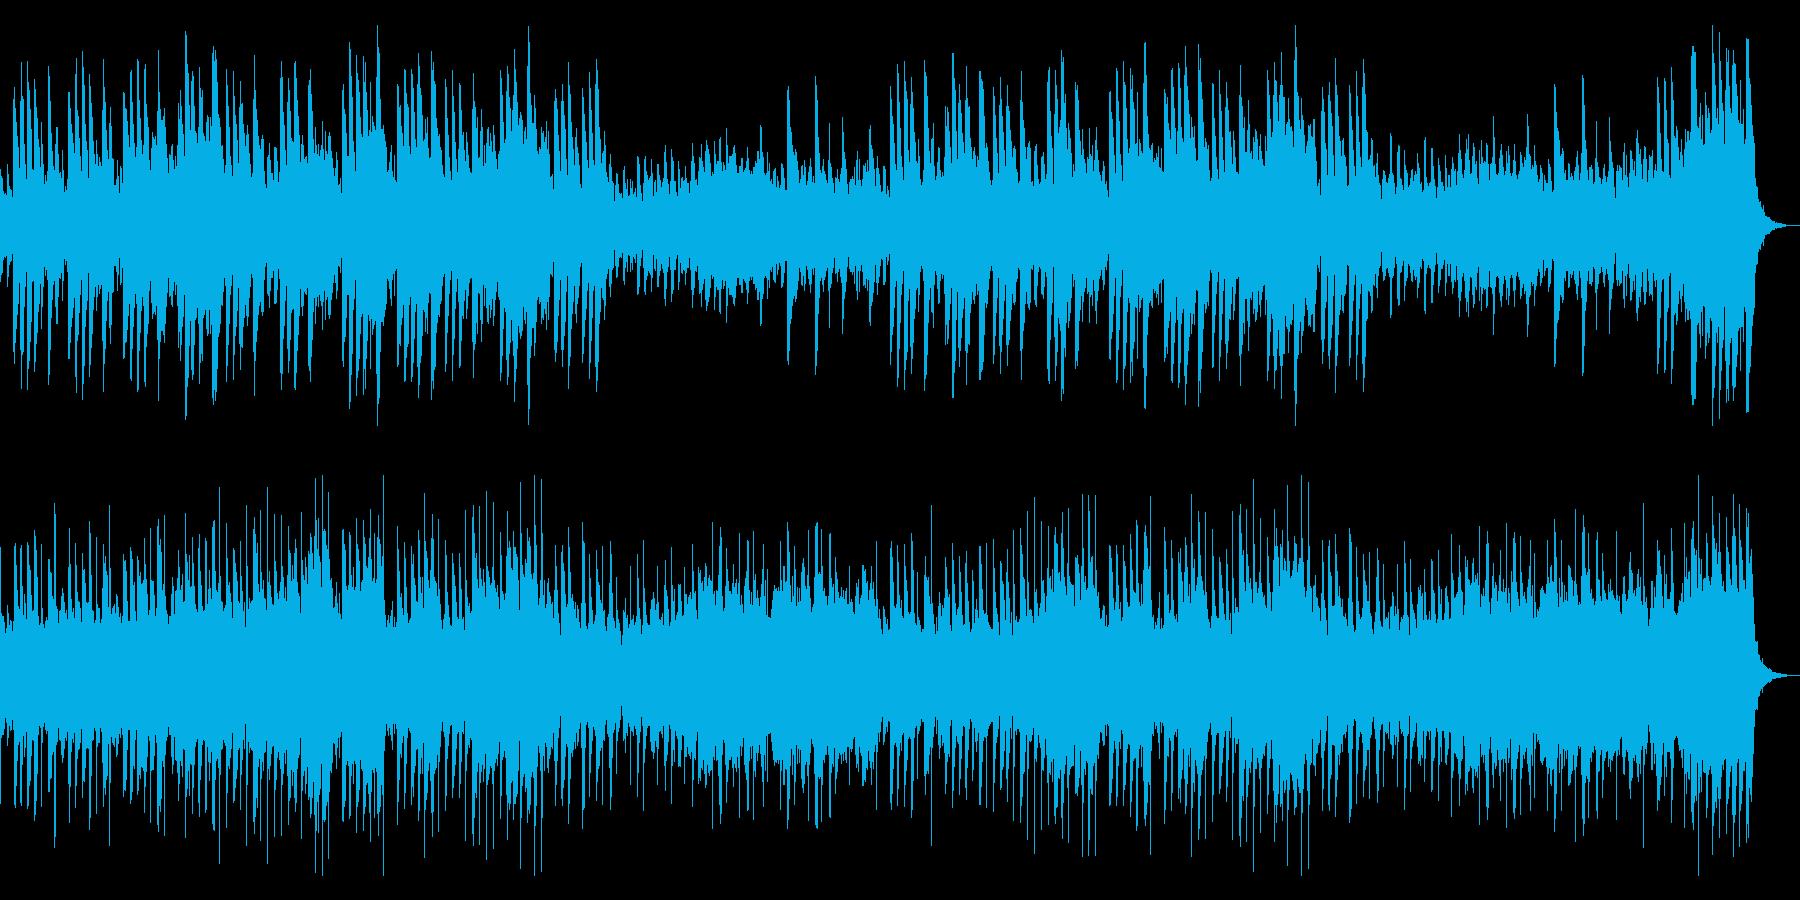 ダーク、ホラー向けハープとストリングスの再生済みの波形